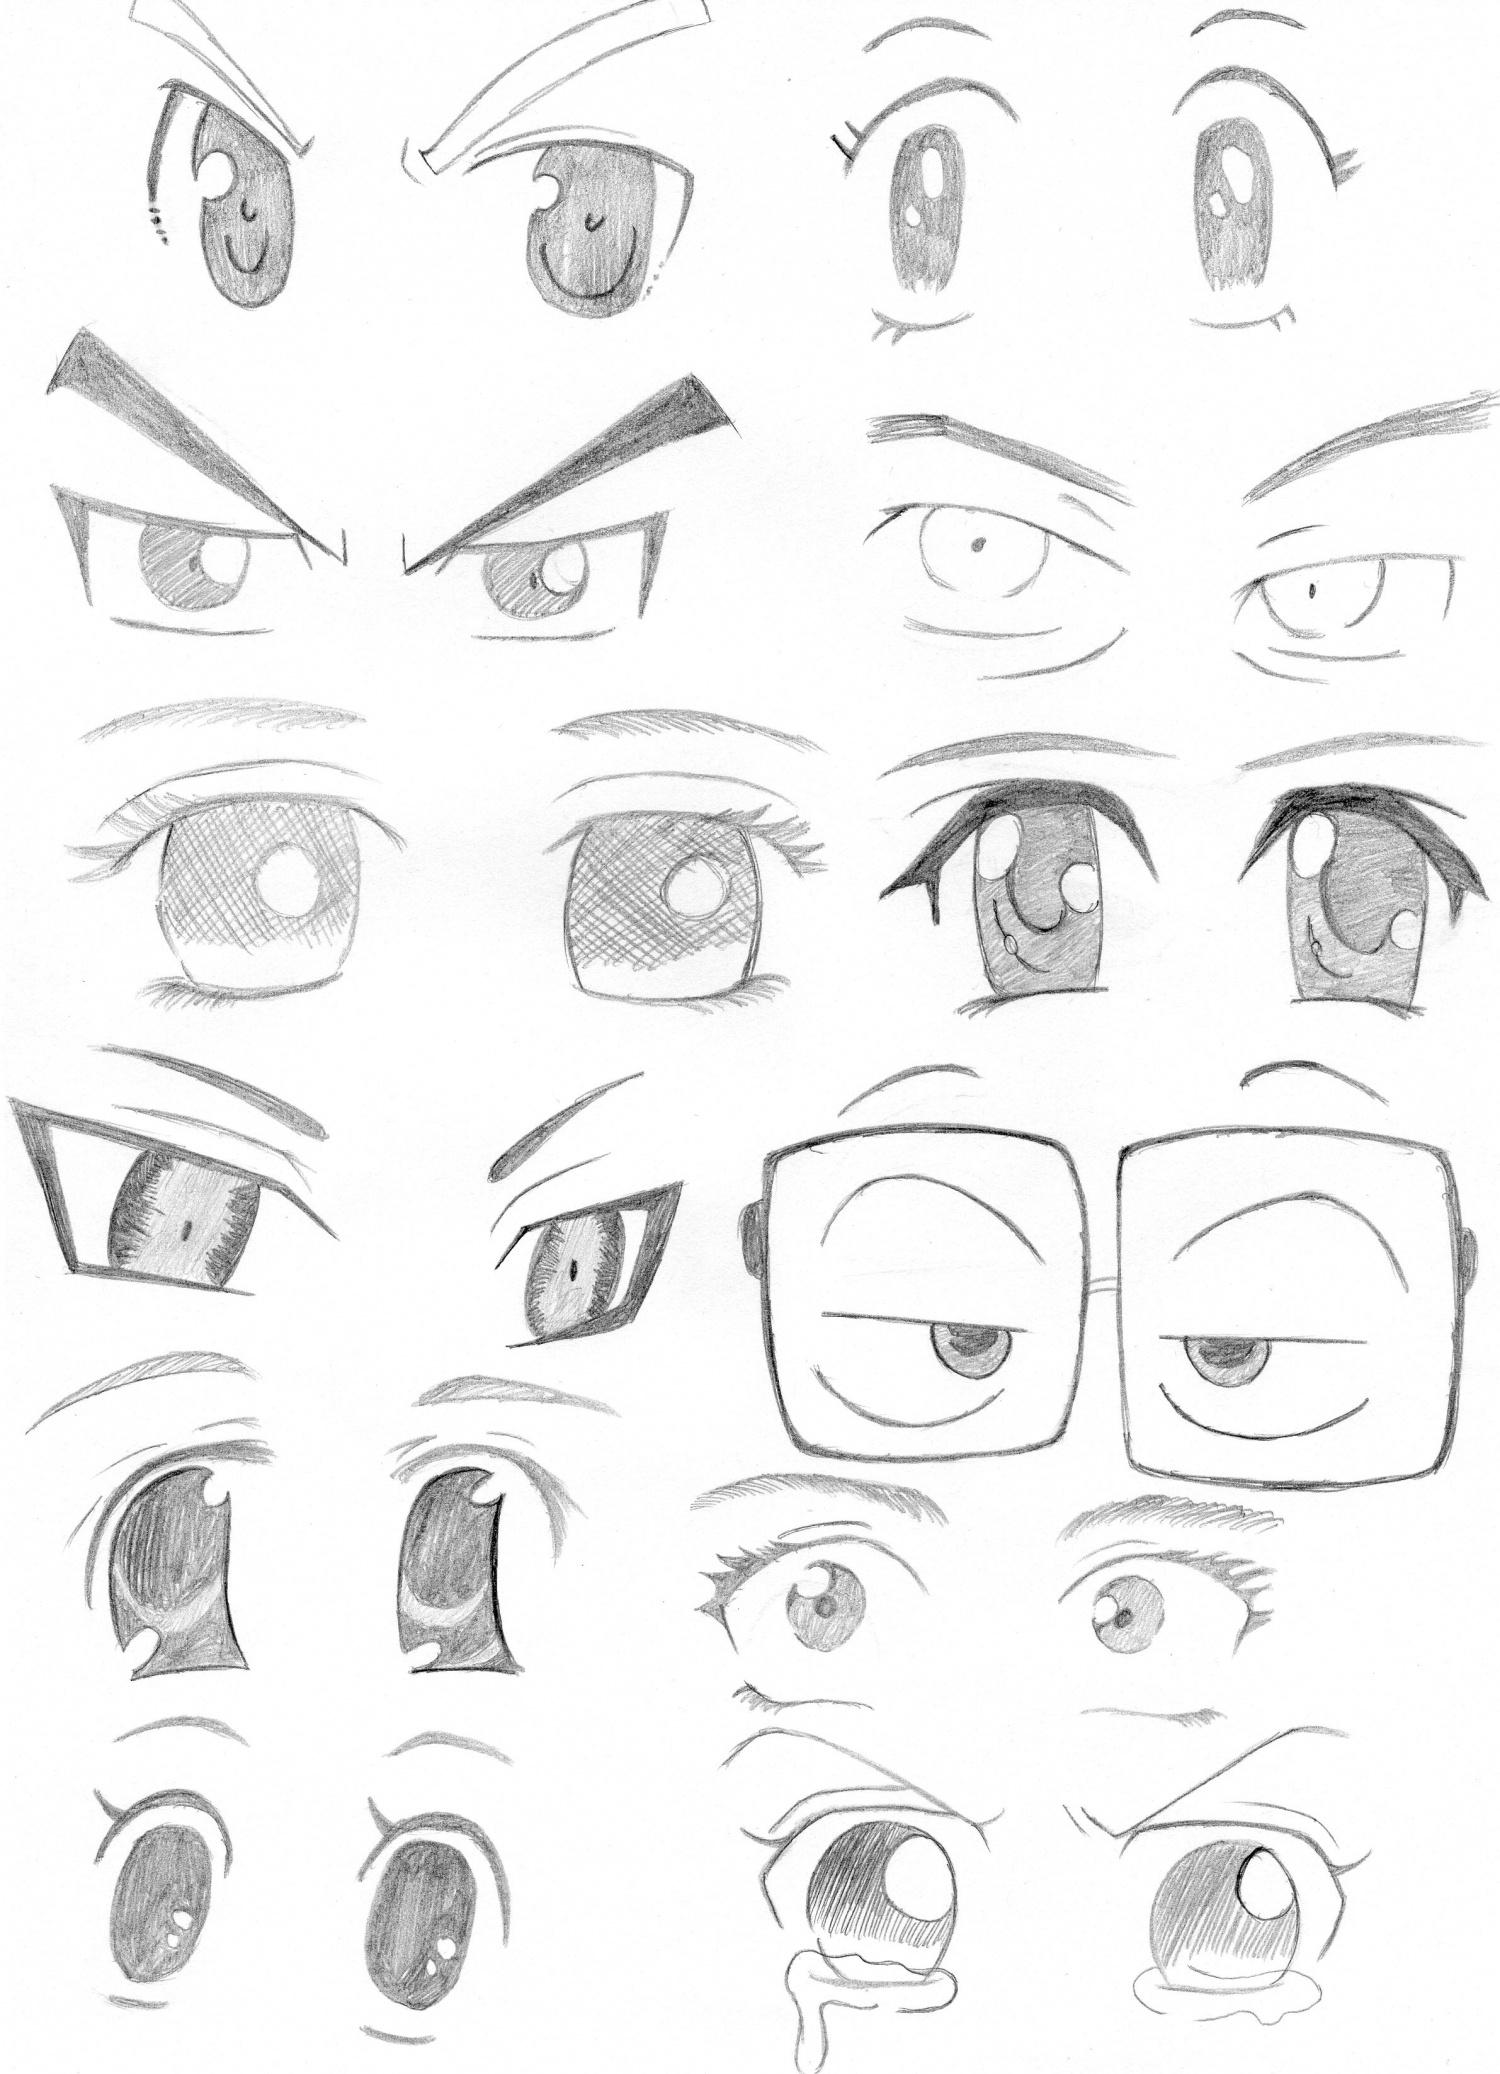 Dessins diff rents styles de yeux makiu no sekai - Style de dessin ...